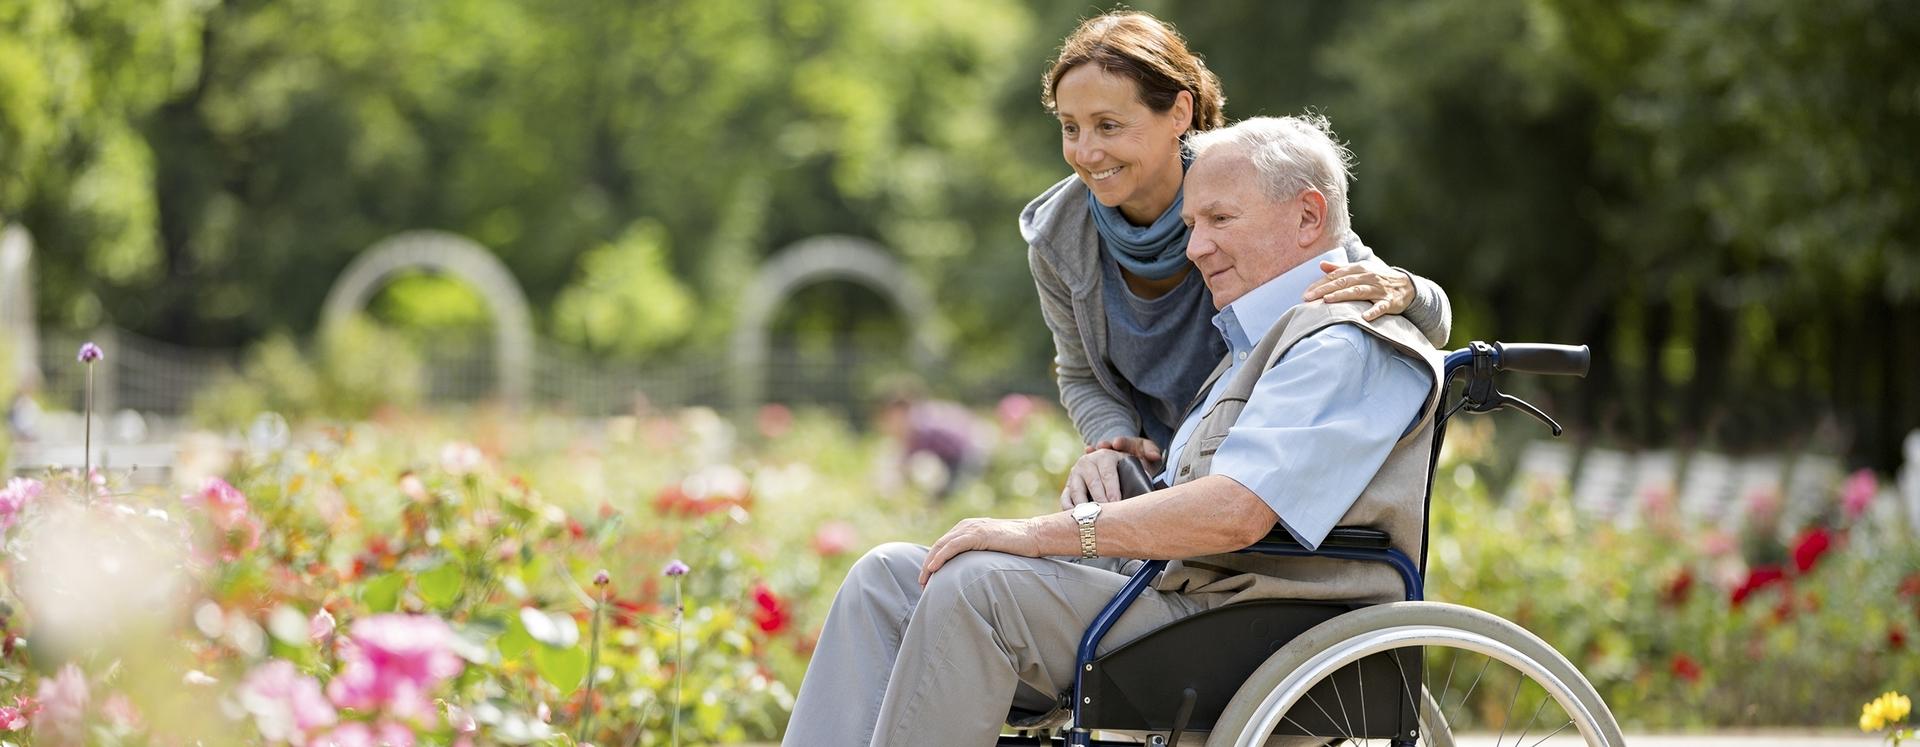 Pflegerin mit Pflegeperson im Rollstuhl